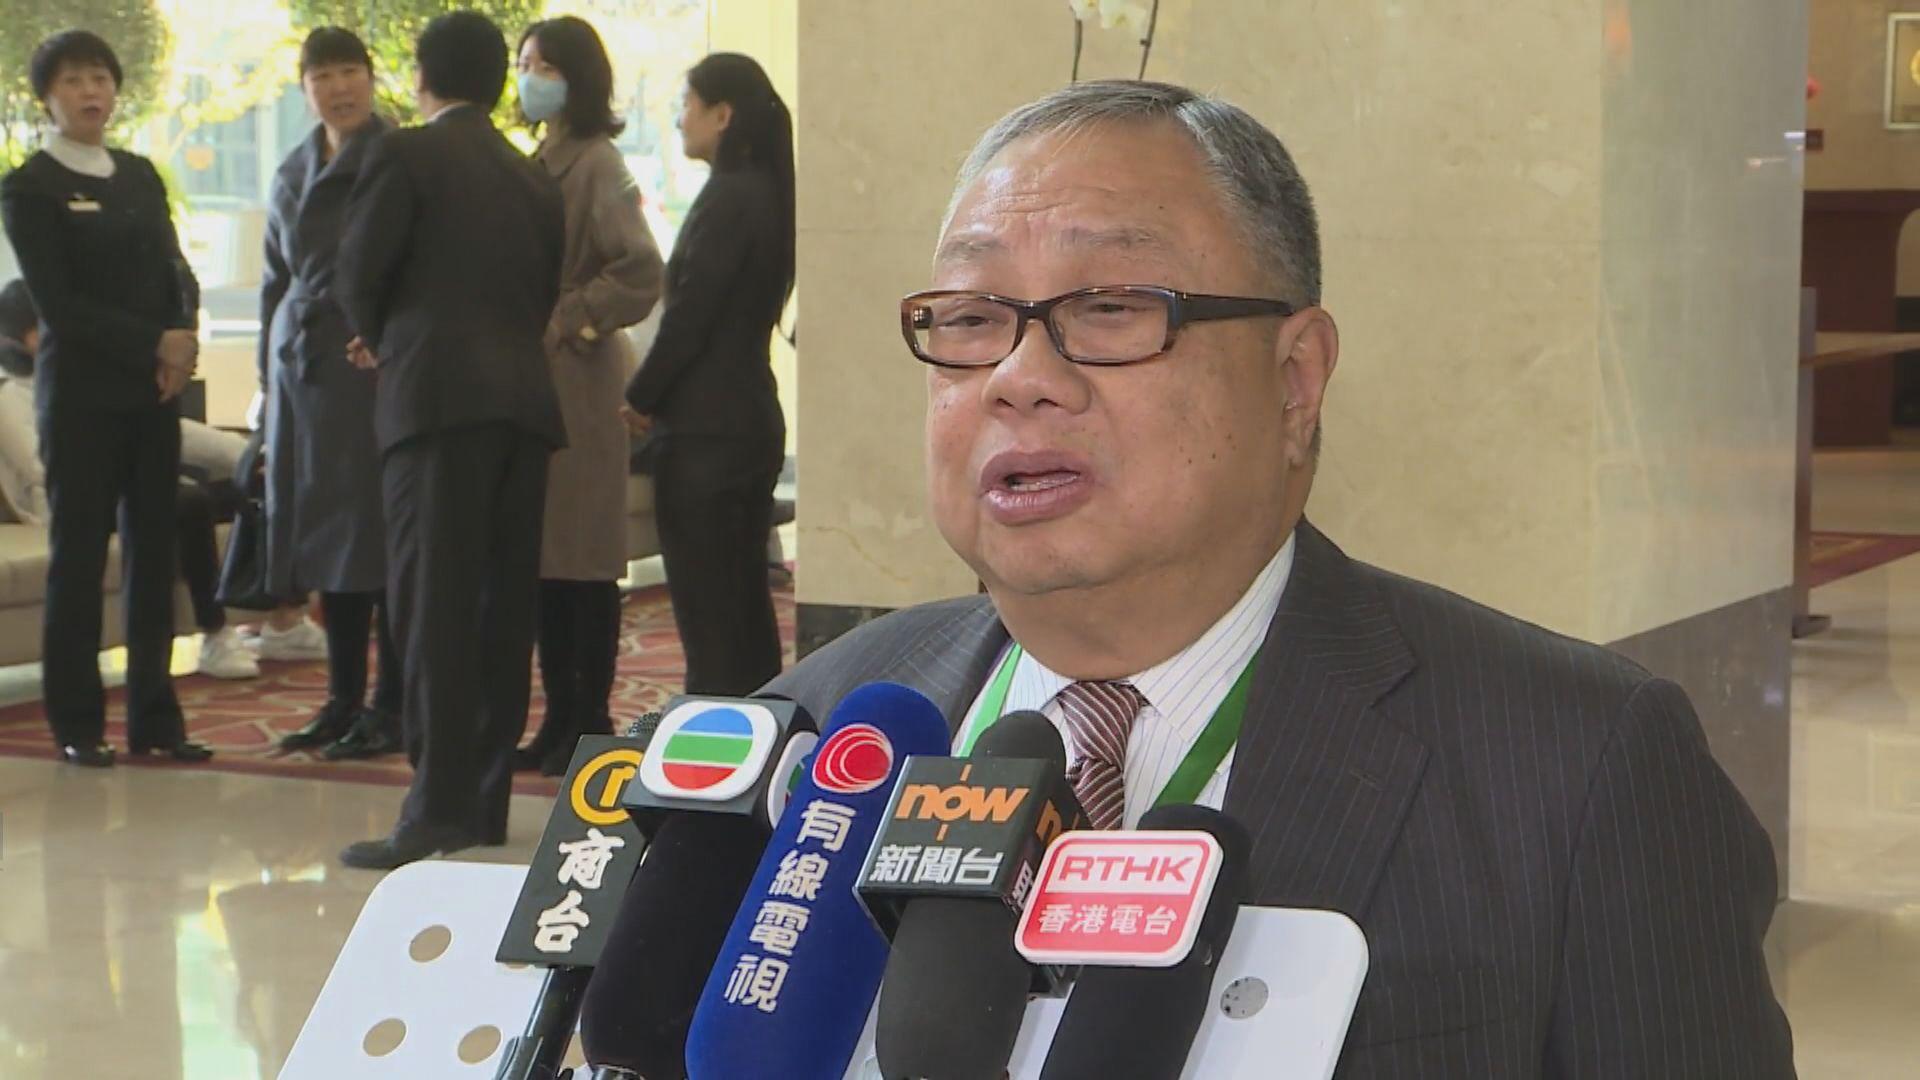 訪問團指北京高規格接見顯示對香港的重視